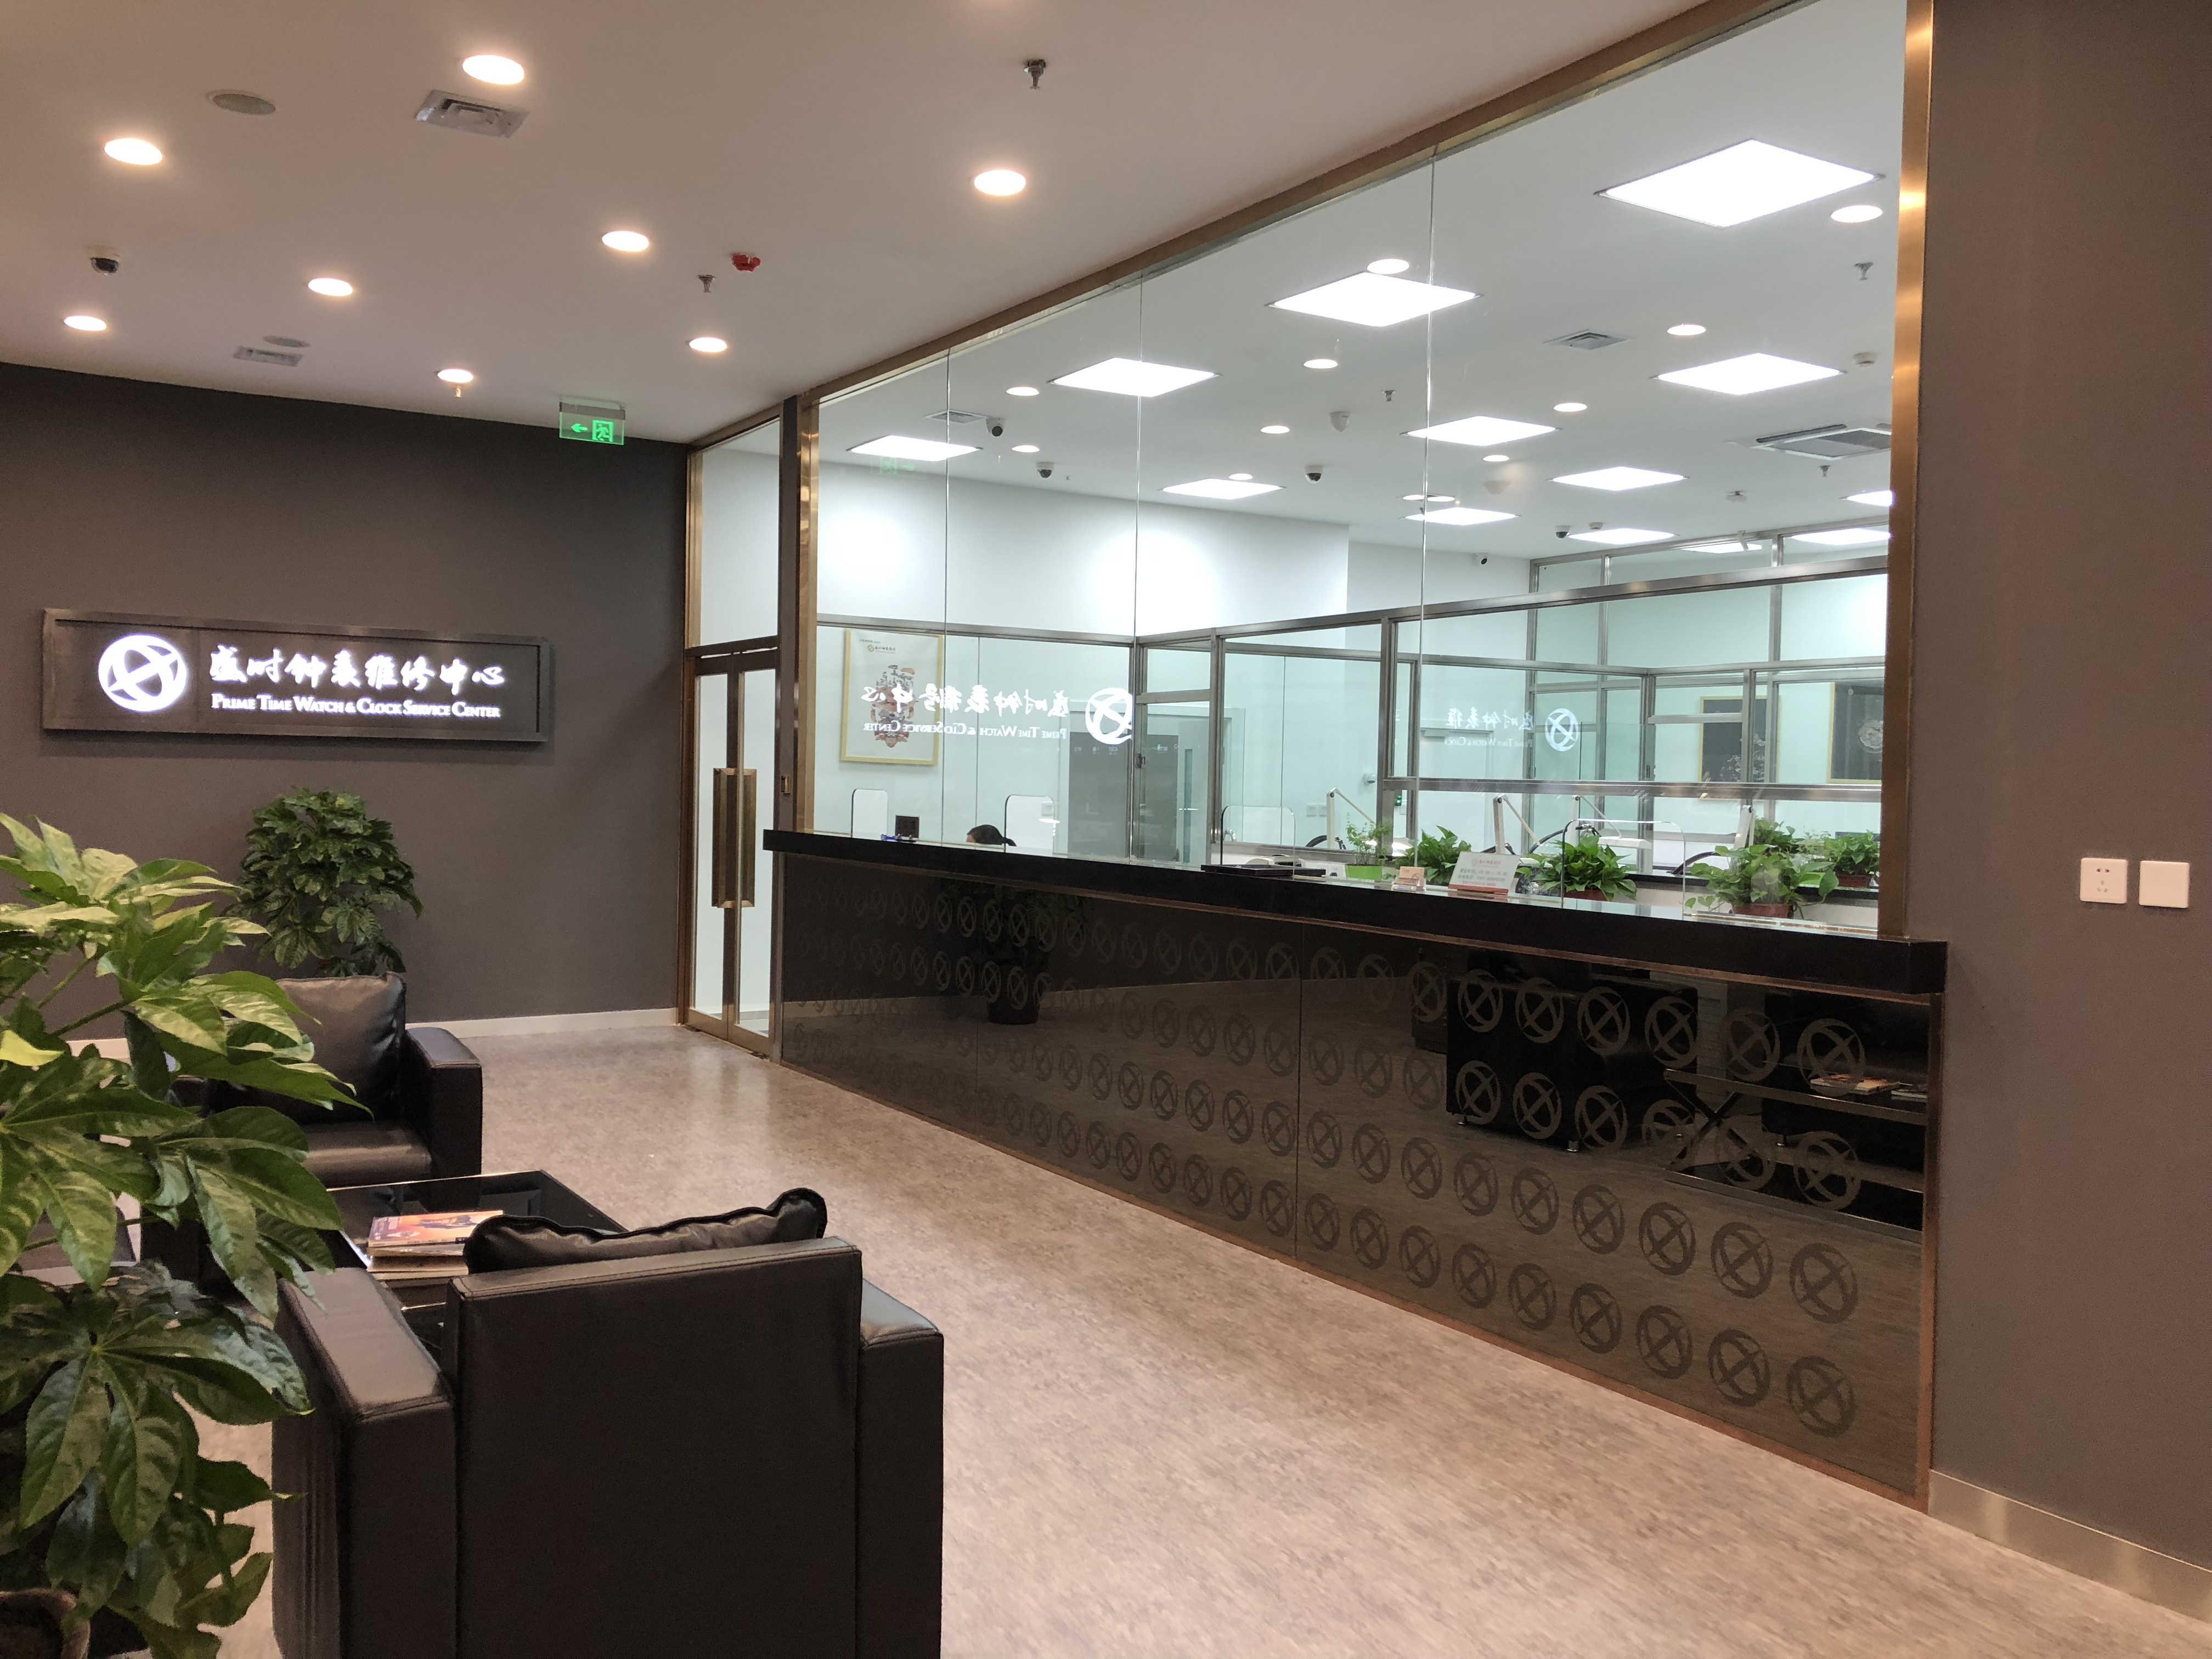 盛时钟表维修哈尔滨邮局客户服务中心